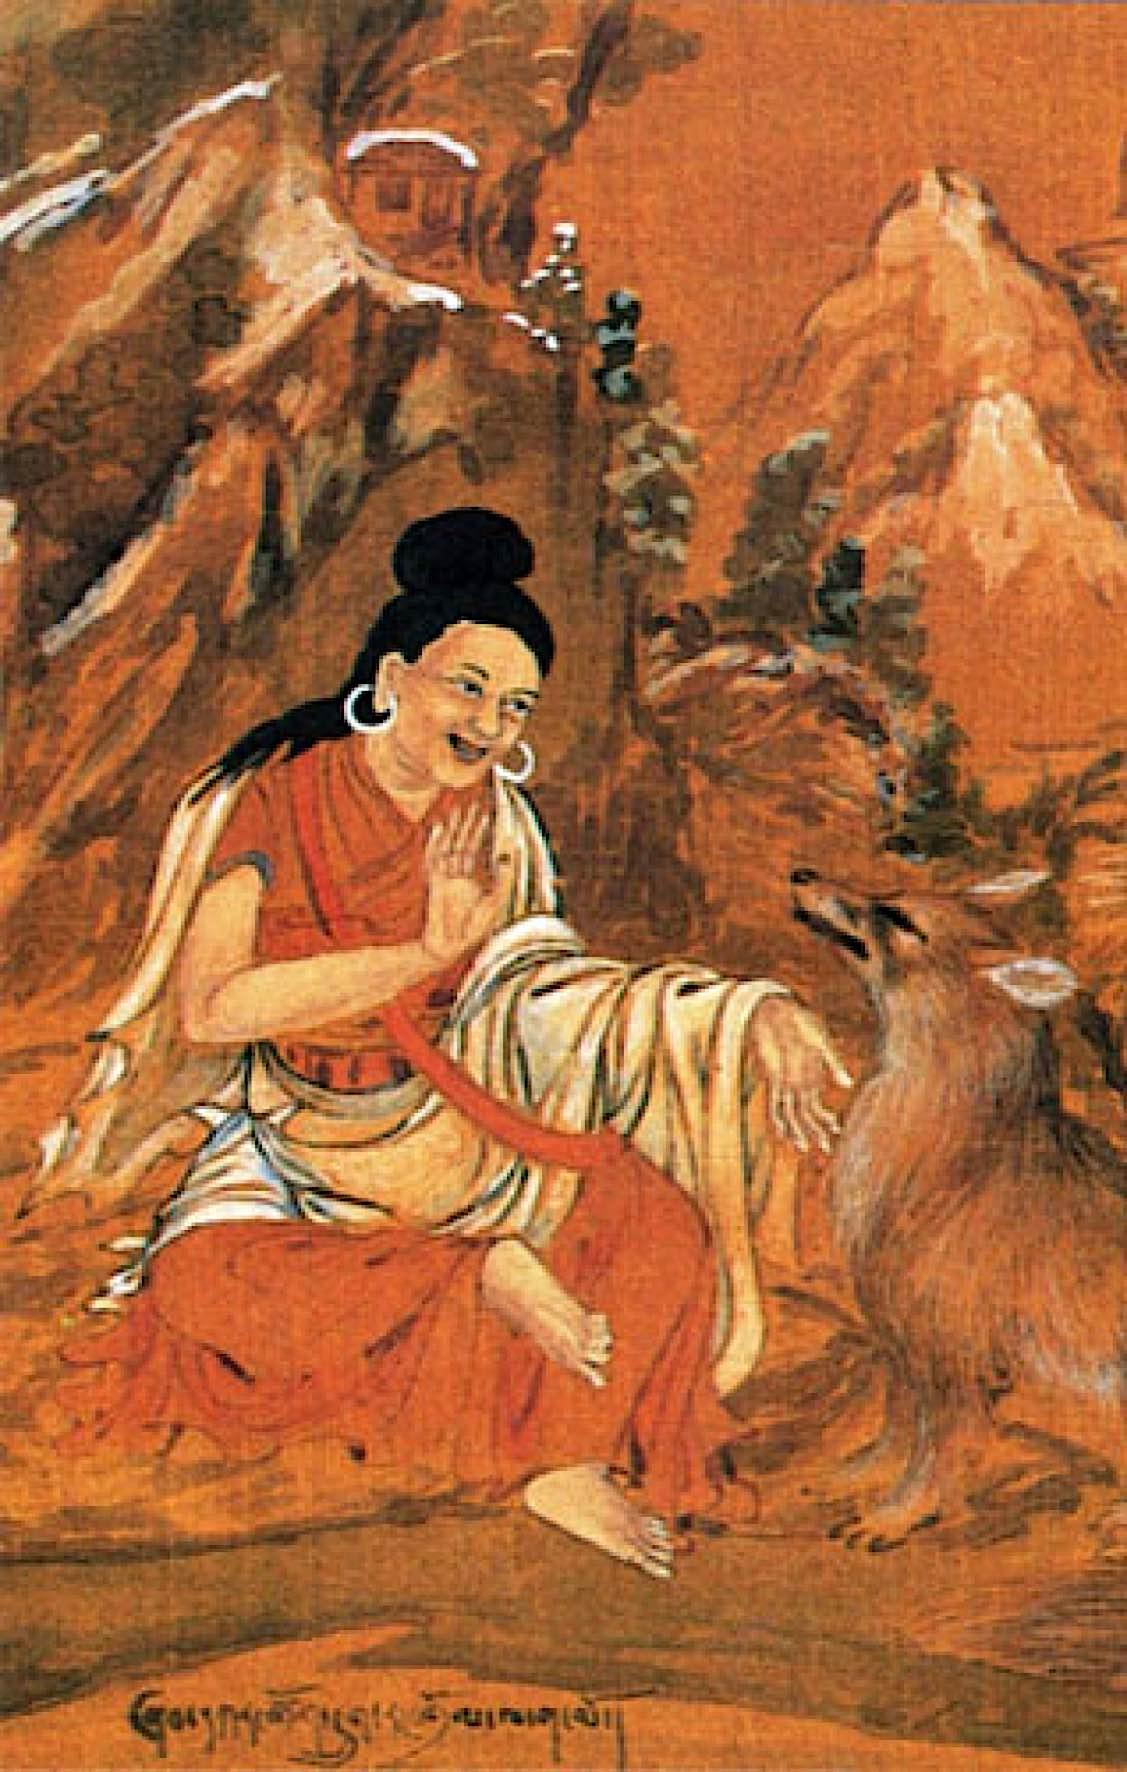 Buddha Weekly Shabkar Buddhism